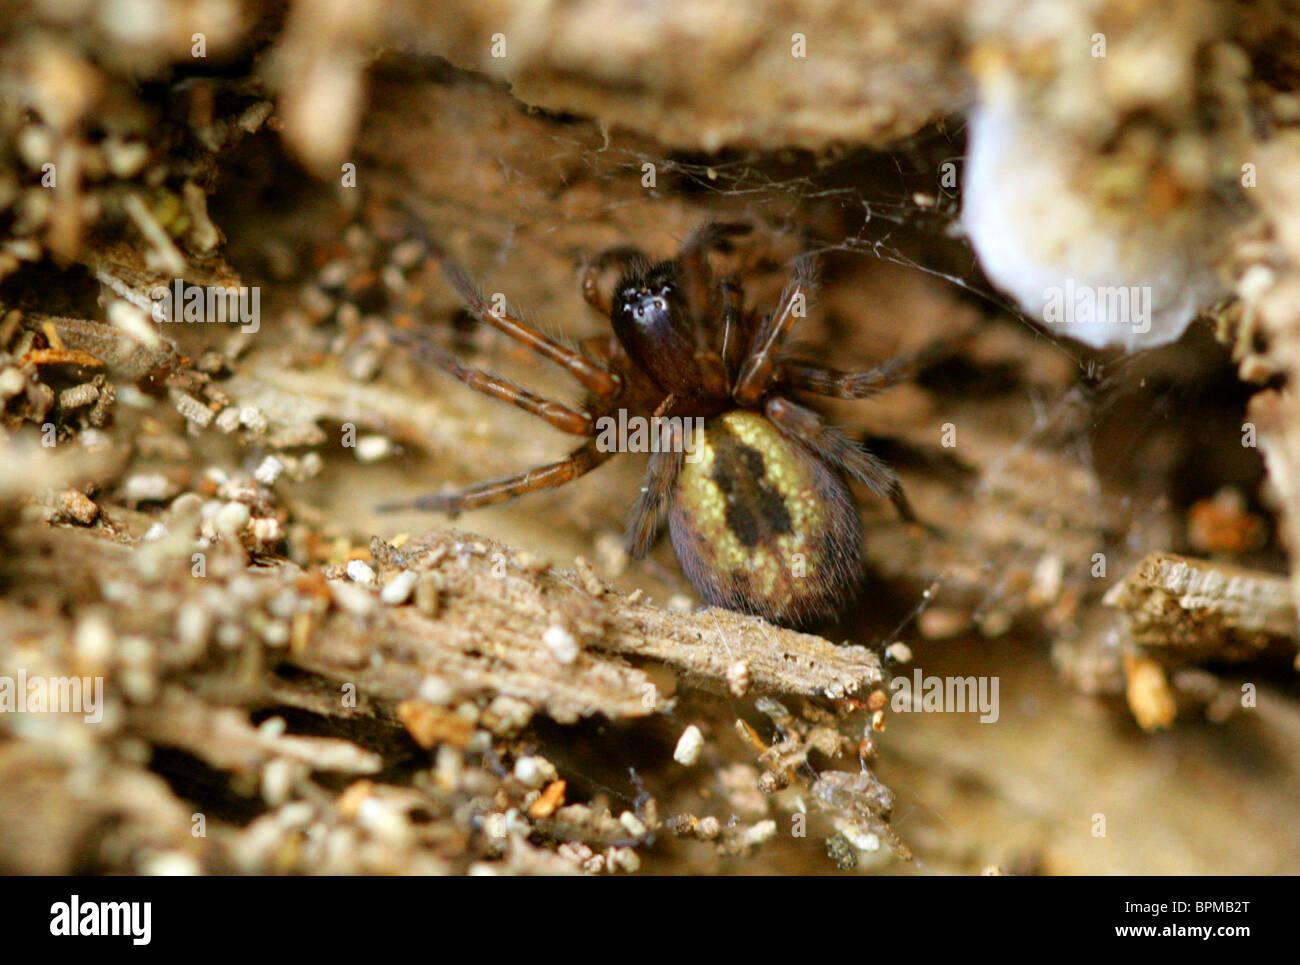 Lace Webbed Spider, Amaurobius similis, Amaurobiidae, Araneae, Arachnida - Stock Image